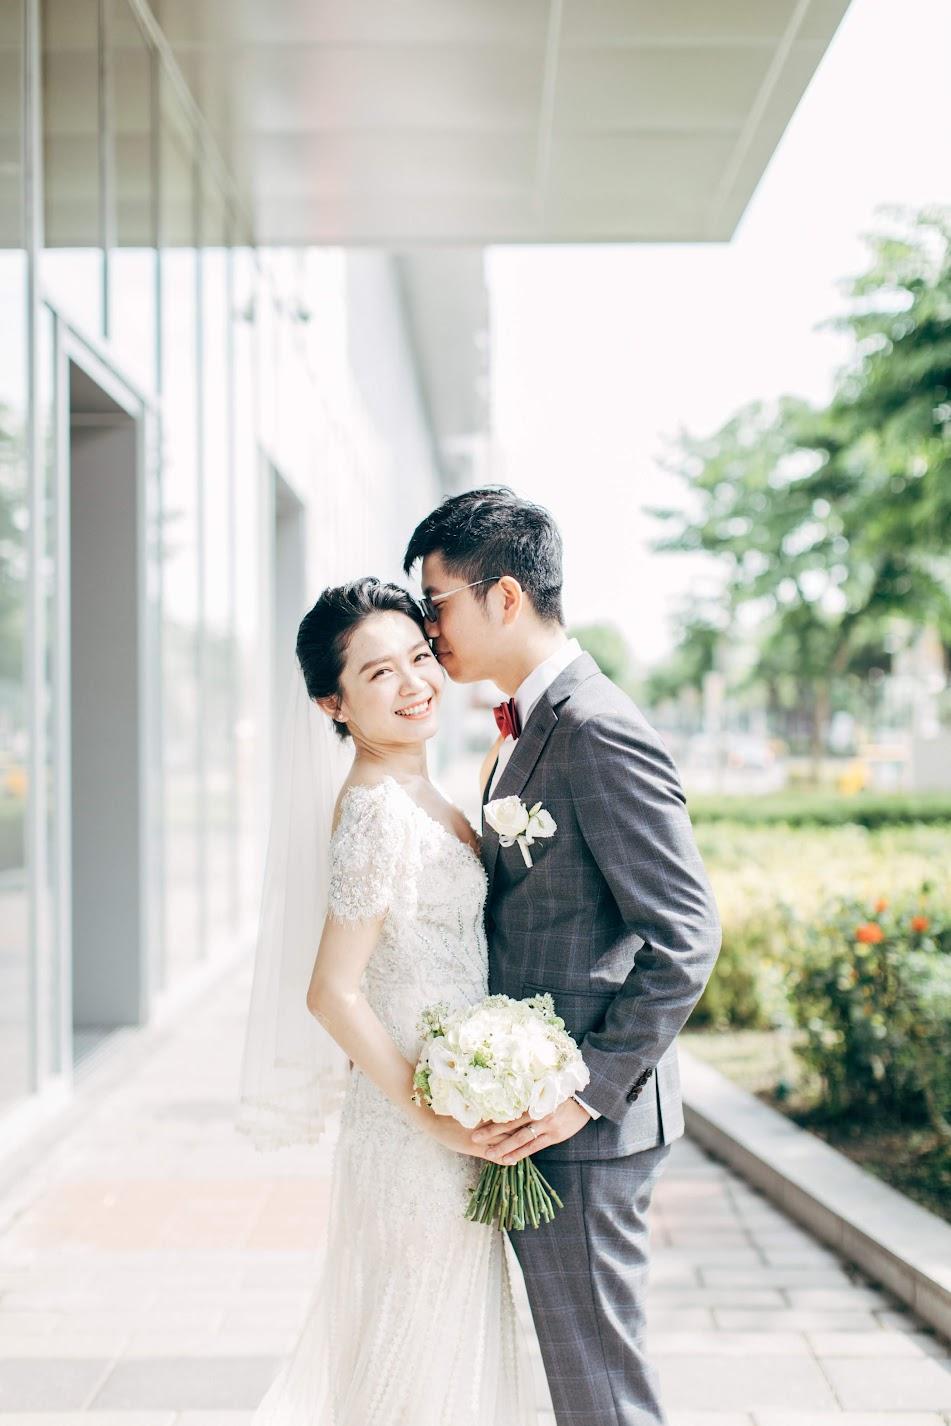 台南老爺行旅婚禮 | IVY+CHIYO WEDDING | 美式婚禮 – 婚禮紀錄 – 美式婚攝